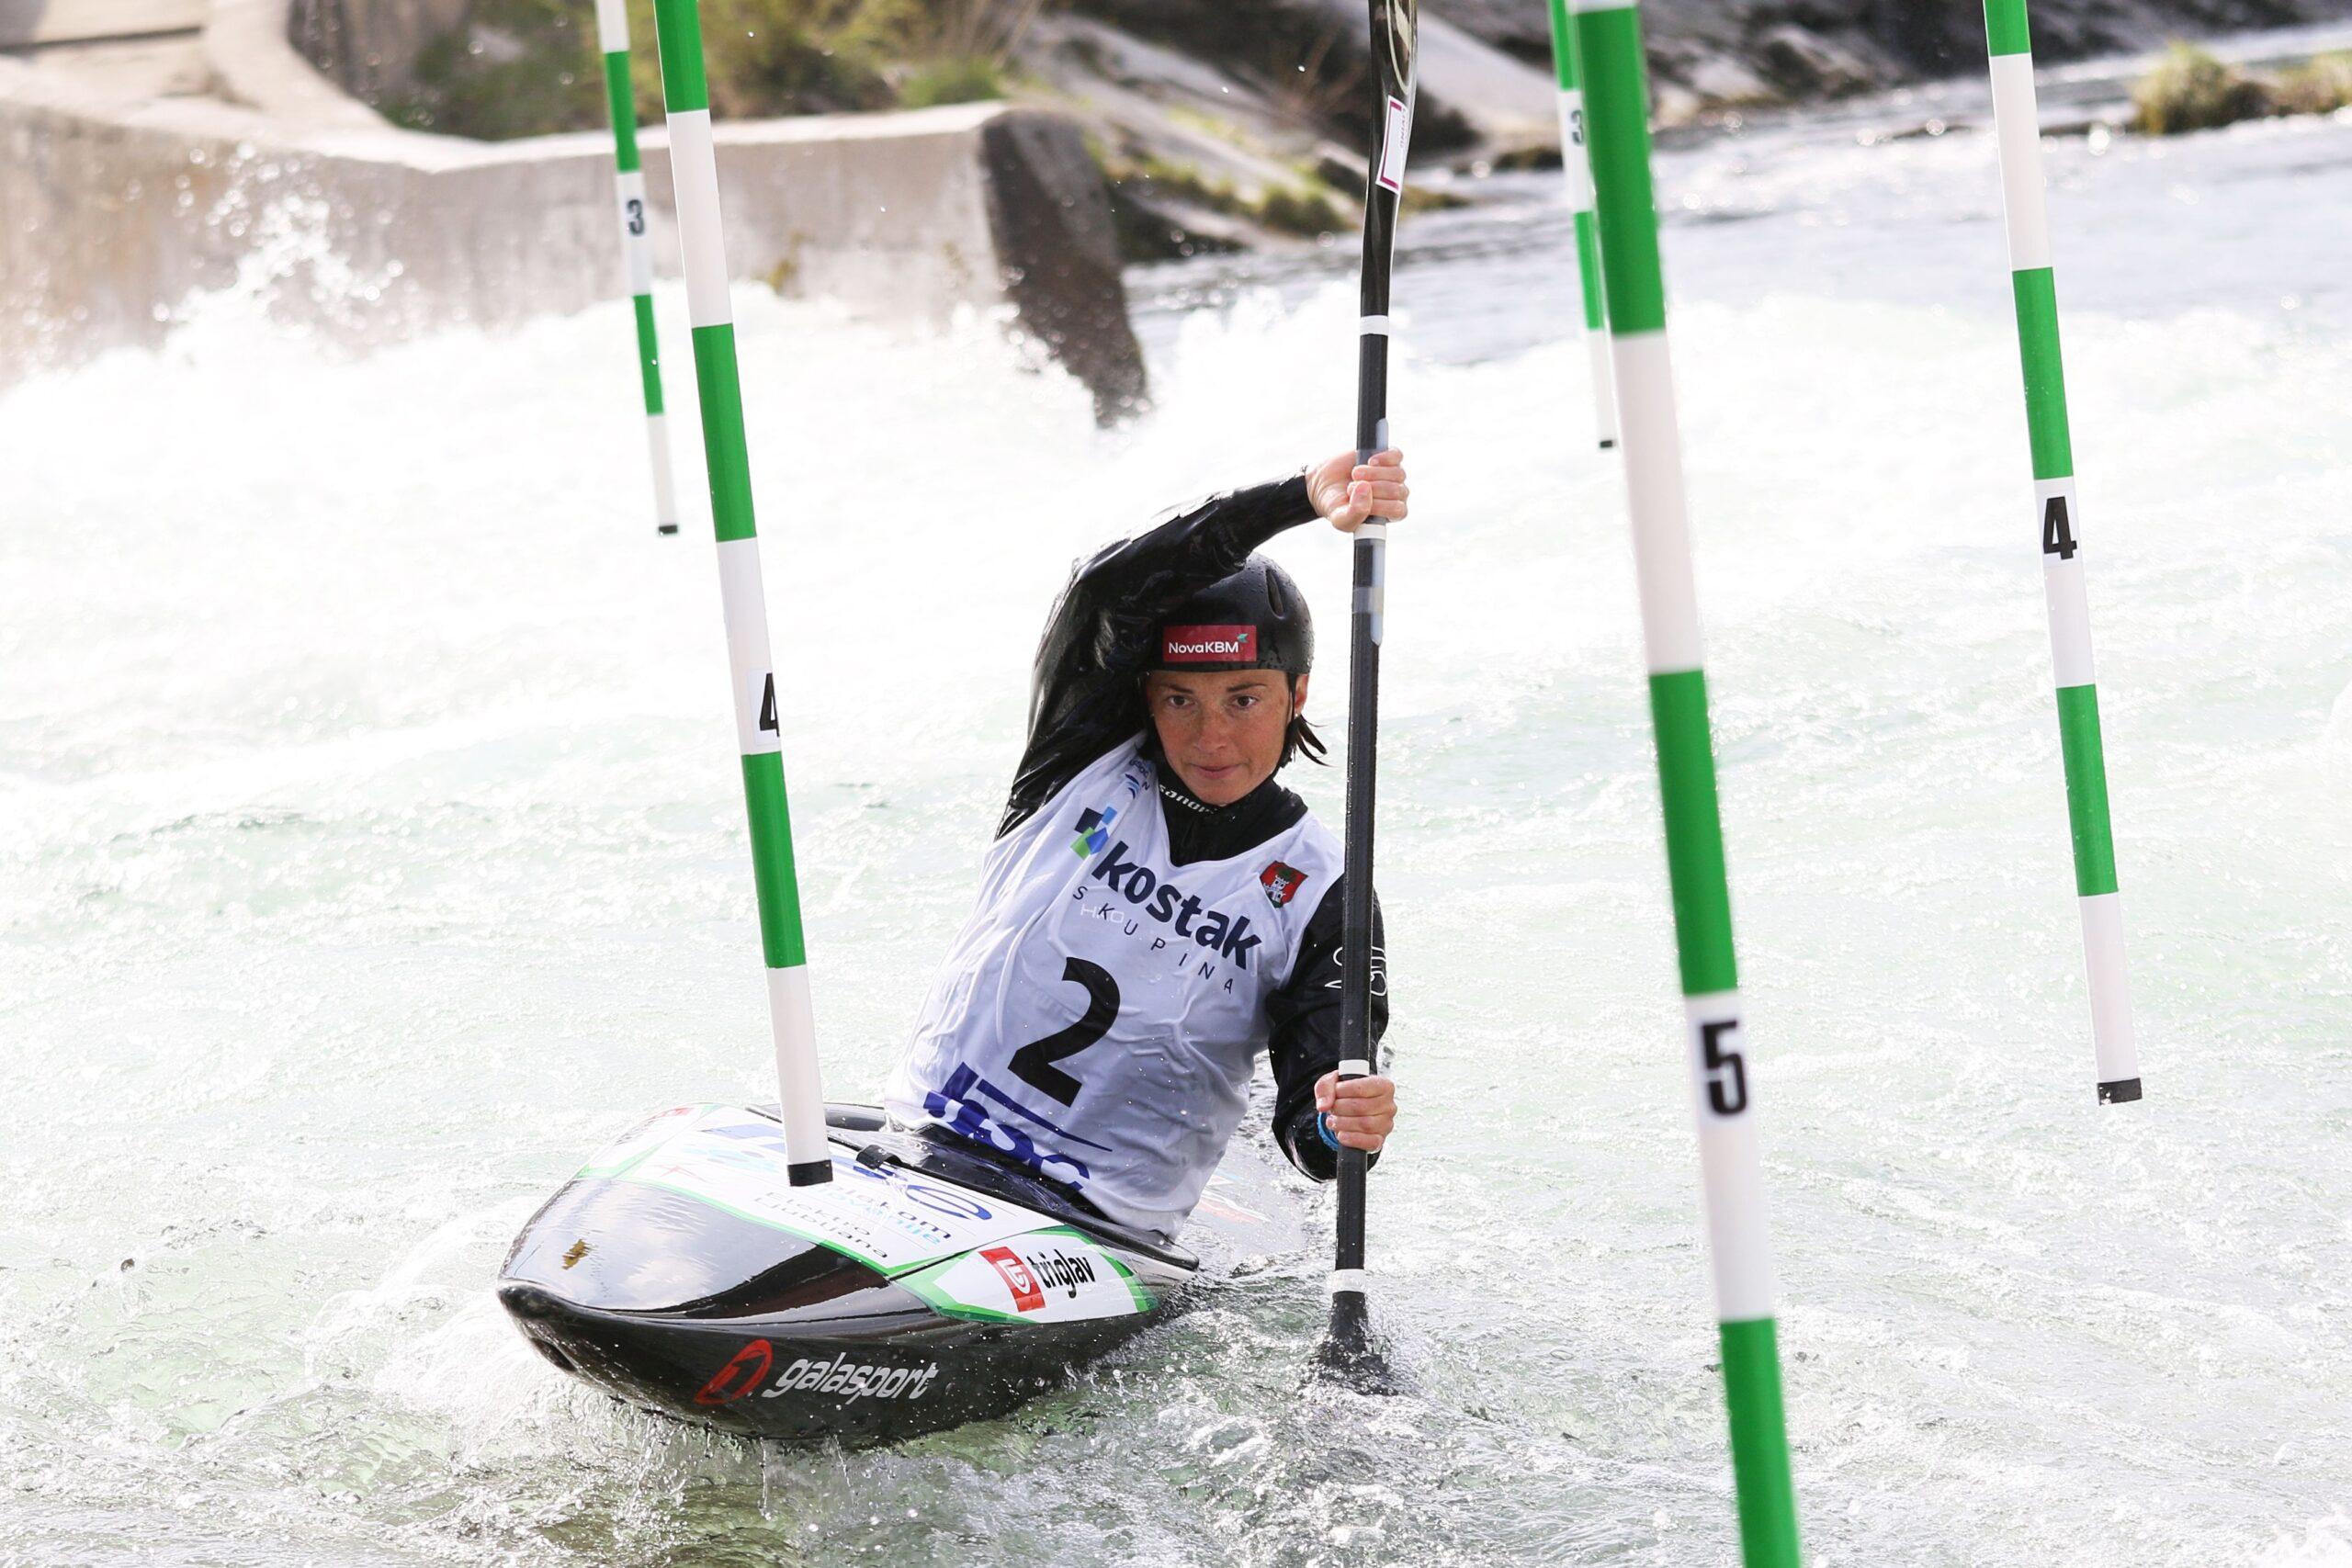 Olimpijka Eva Terčelj je zmagala v tekmi EP Tacen 2021